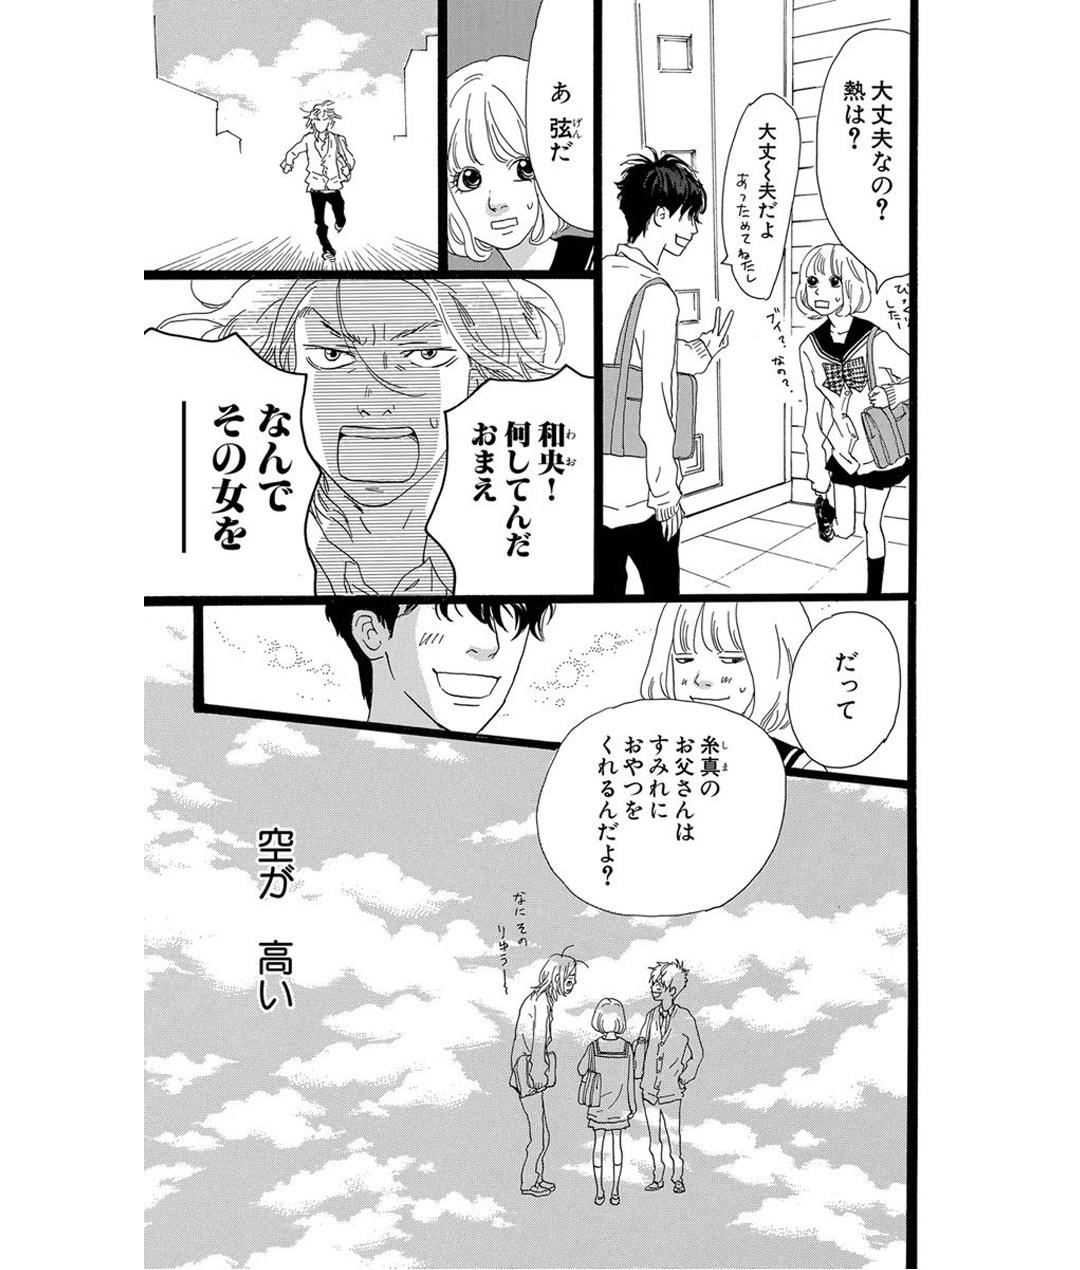 プリンシパル 第1話 試し読み_1_1-61